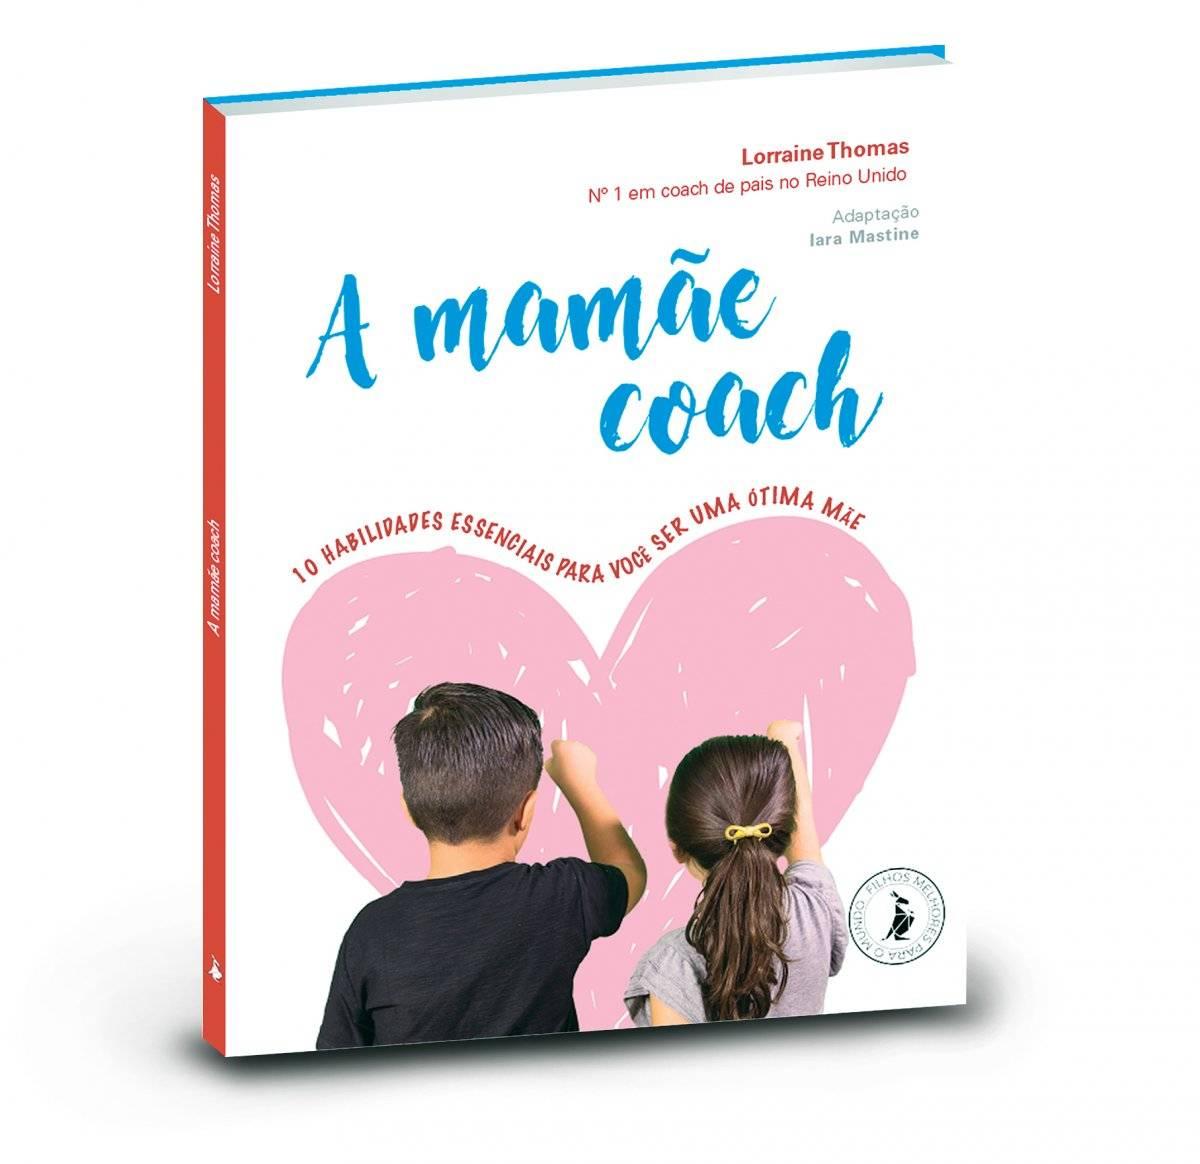 A mamãe coach